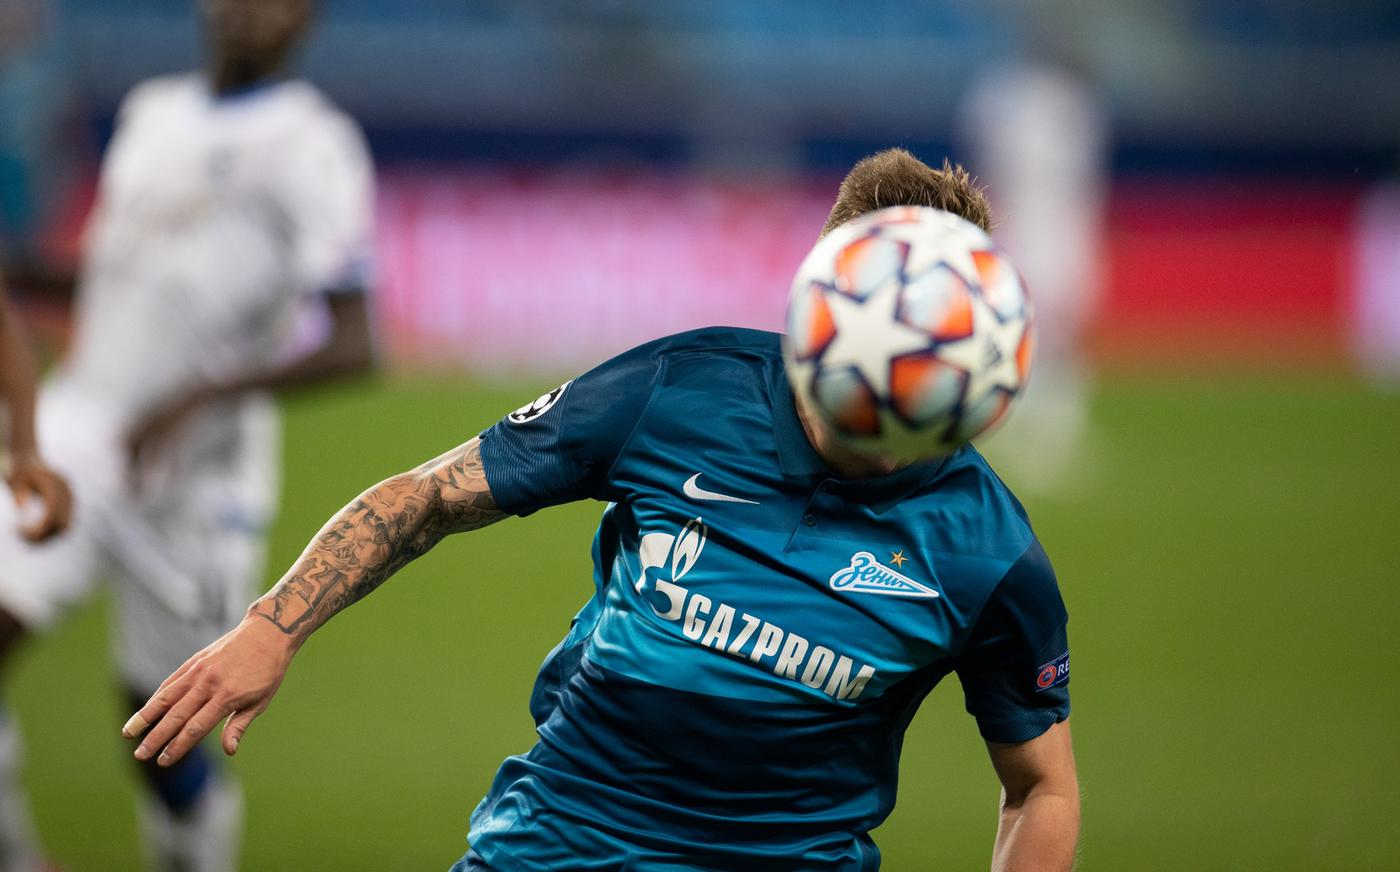 Российские клубы деградируют. Итоги первого тура еврокубков – провал - фото